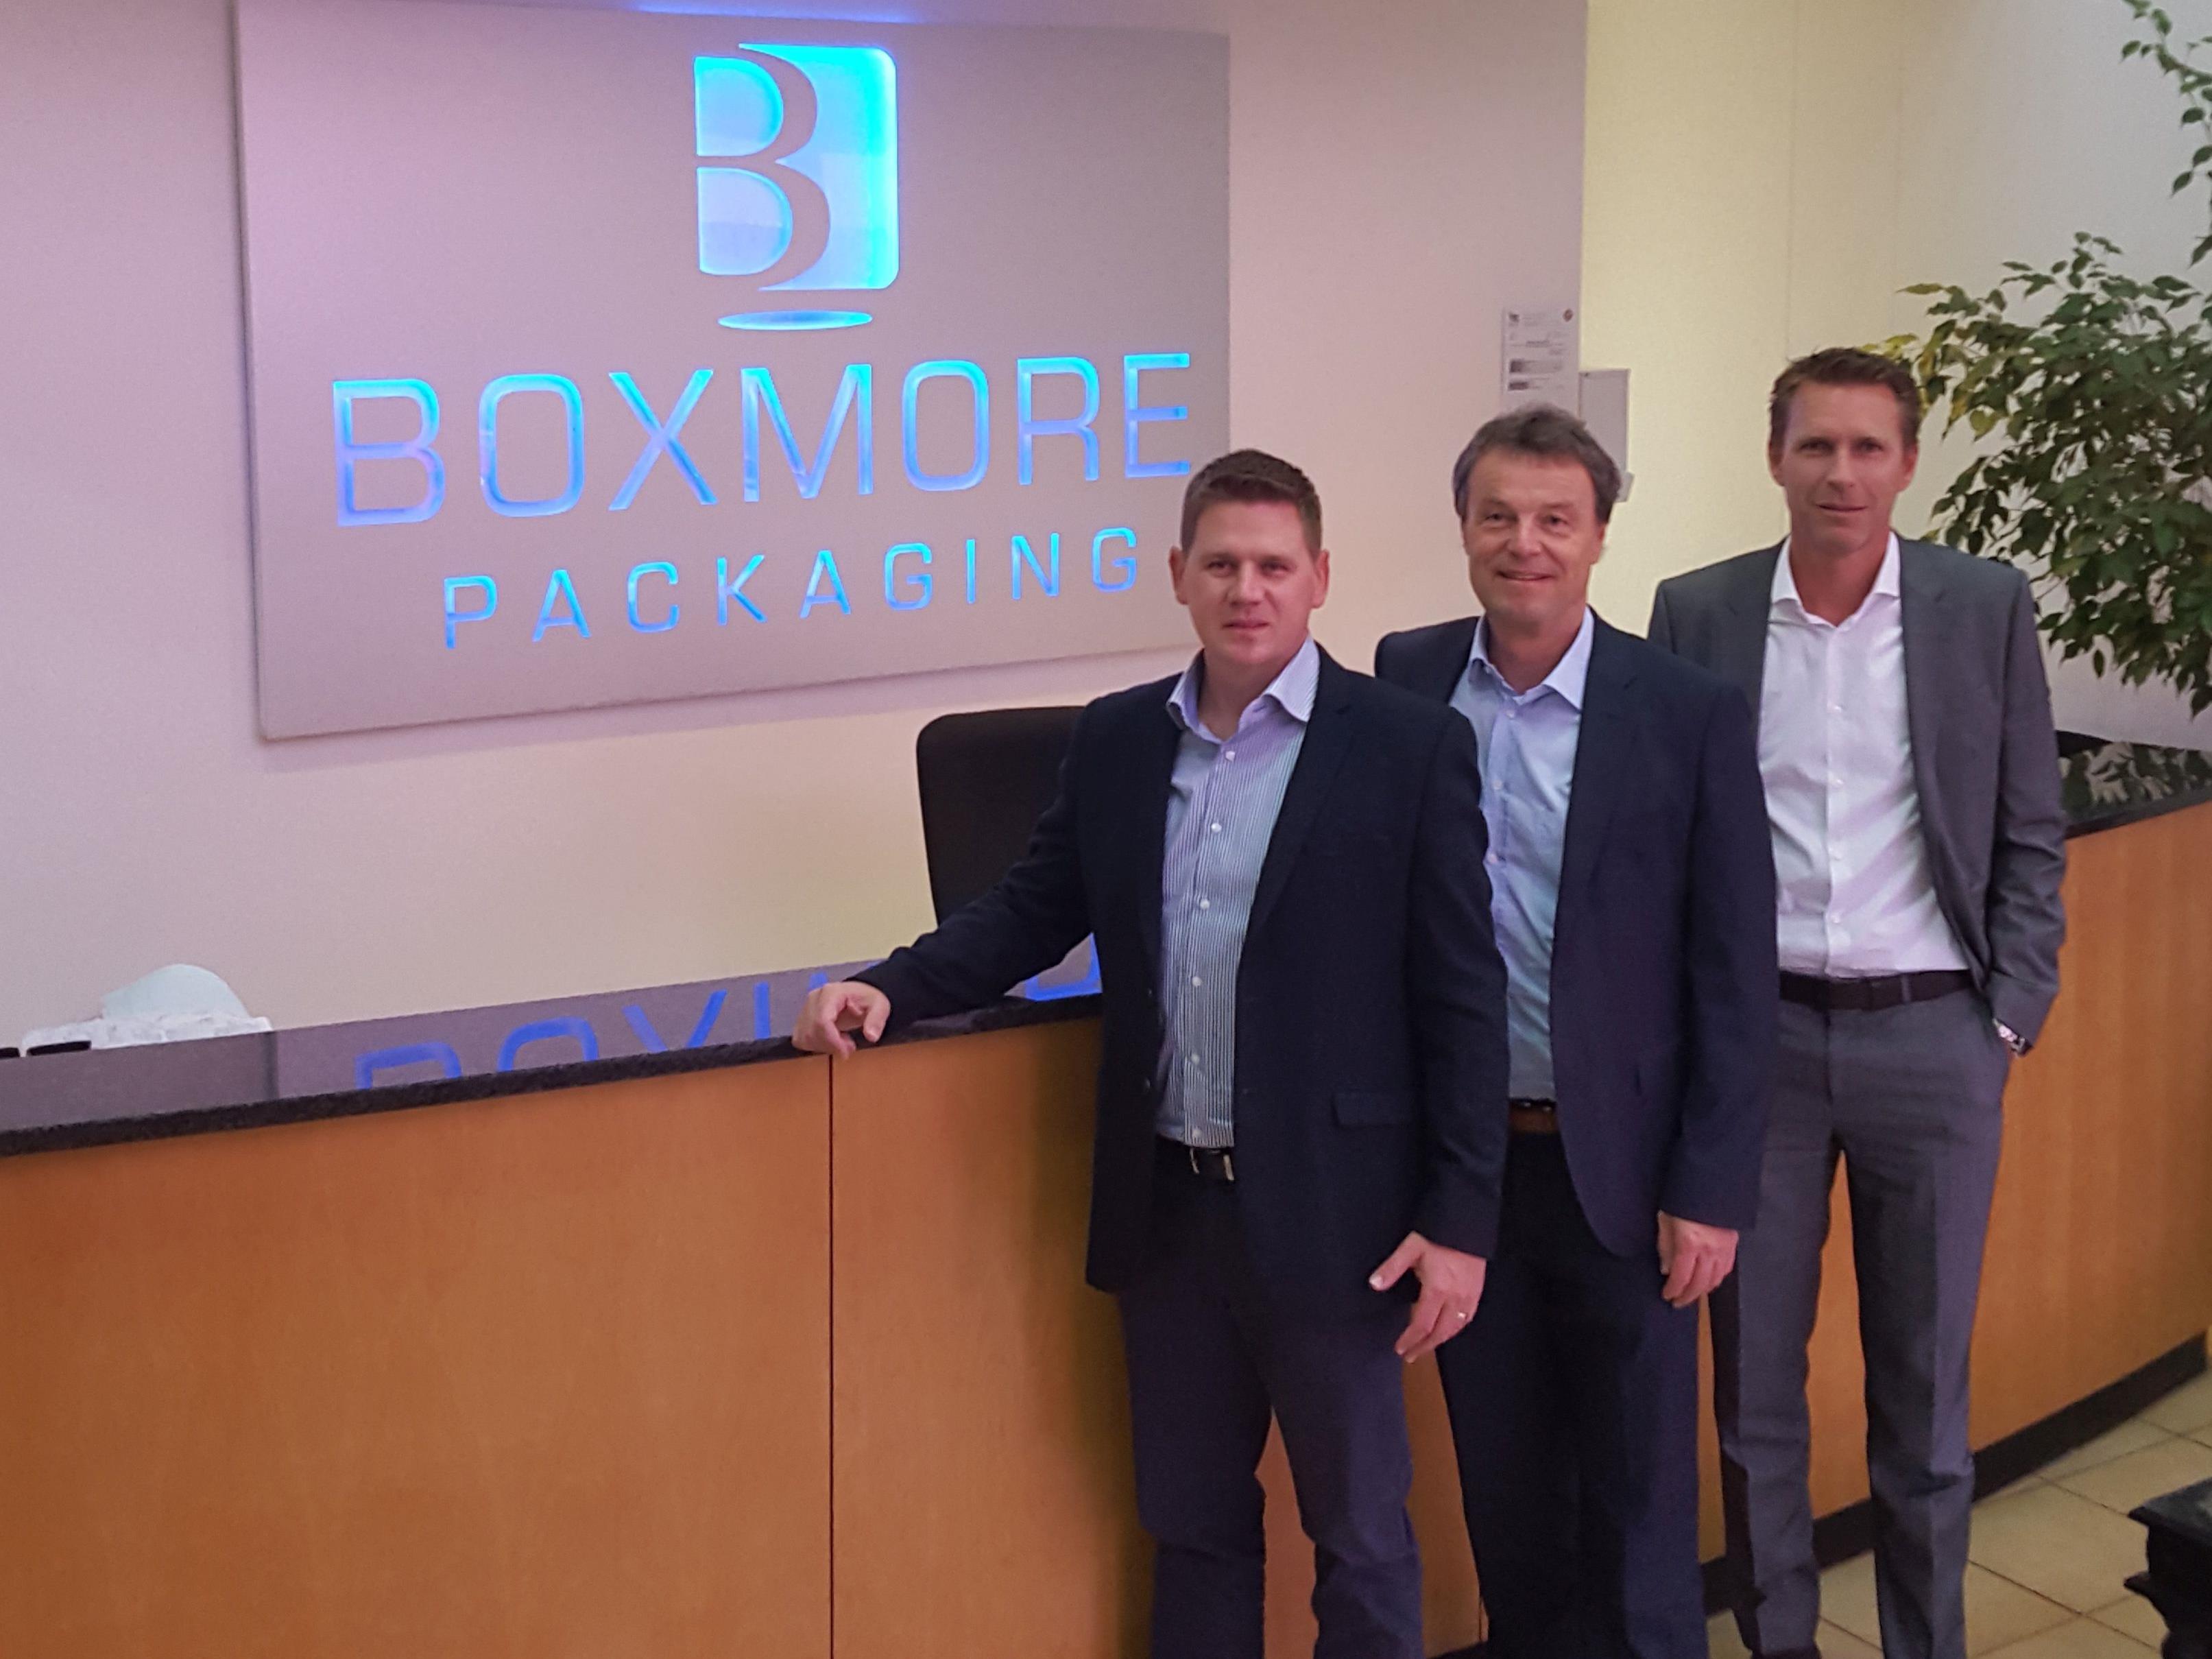 Alpla erwirbt Anfang Juli 2017 das Unternehmen Boxmore Packaging mit Sitz in Samrand/Johannesburg in Südafrika zu 100 Prozent.